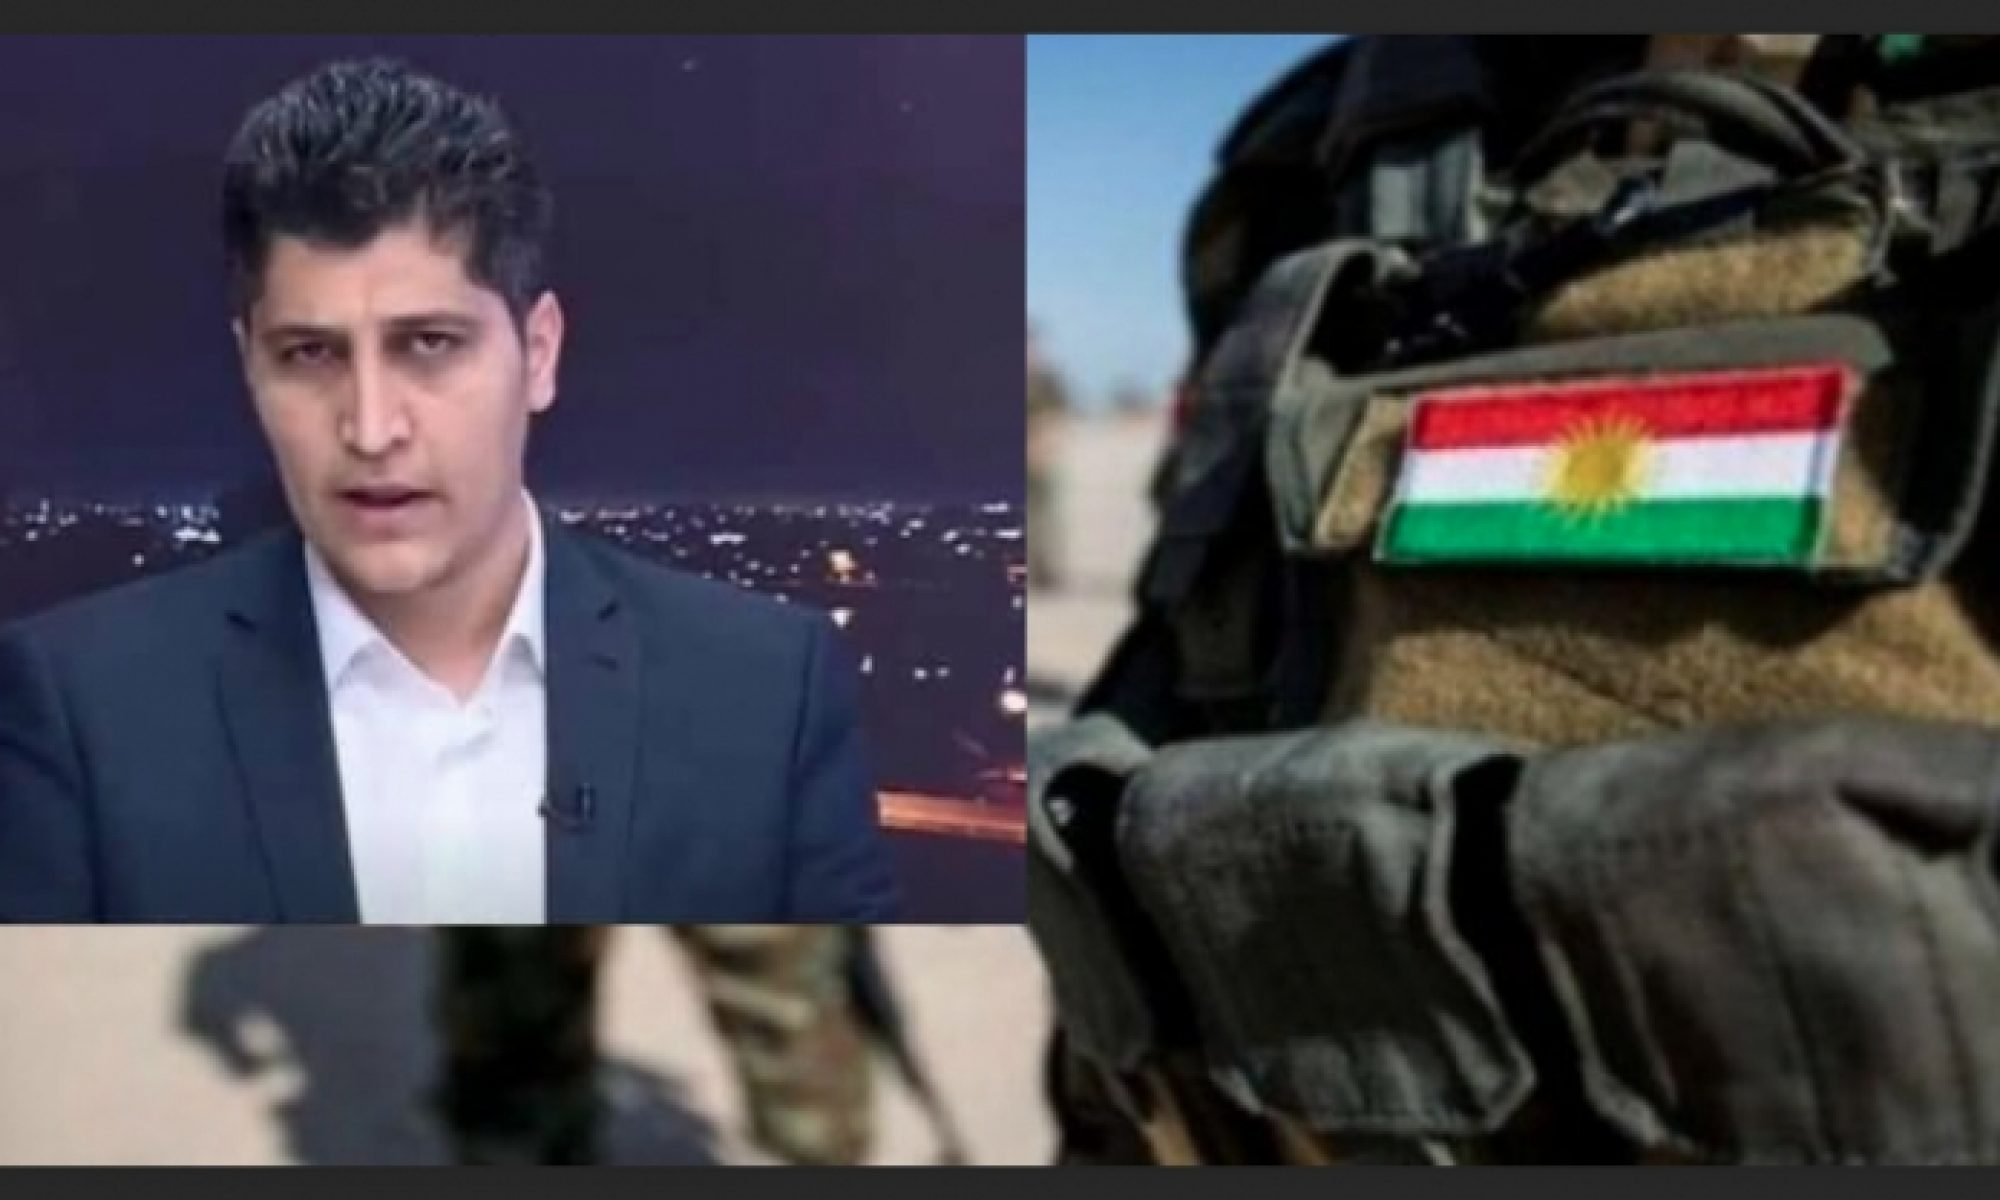 Irak'a Kürdistanı işgal etmesi çağrısı yapan parlamentere Peşmerge Bakanlığından cevap: